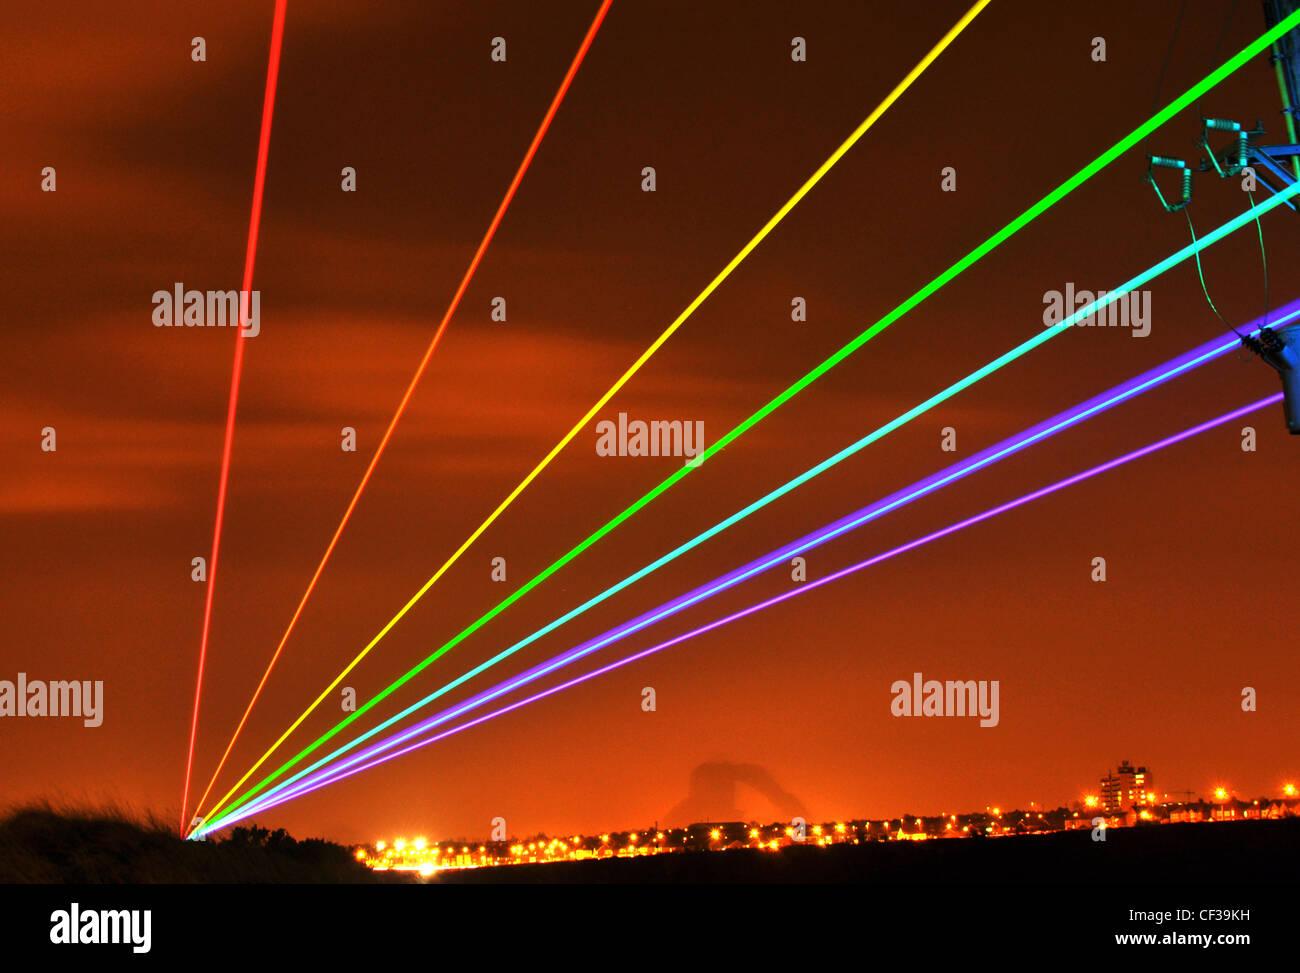 Global Rainbow - Stock Image